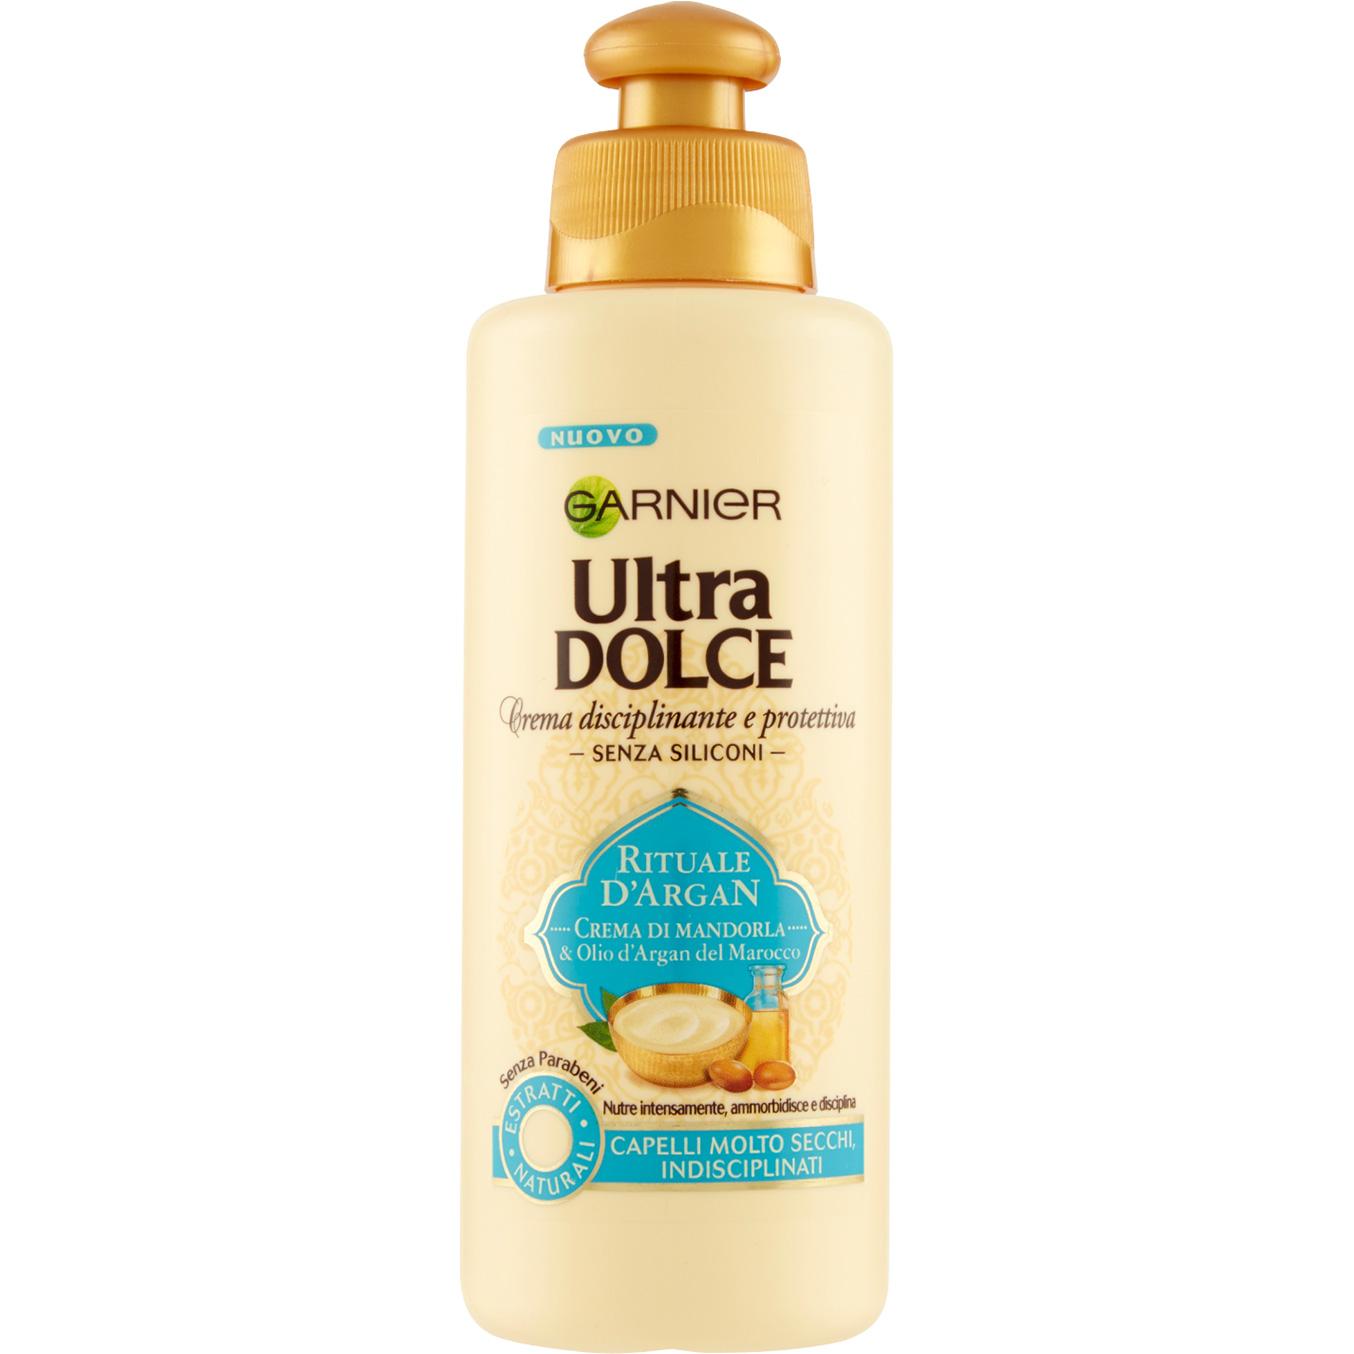 new arrival ea477 8033f Garnier Ultra Dolce Rituale D'Argan crema disciplinante e protettiva per  capelli secchi 200 ml